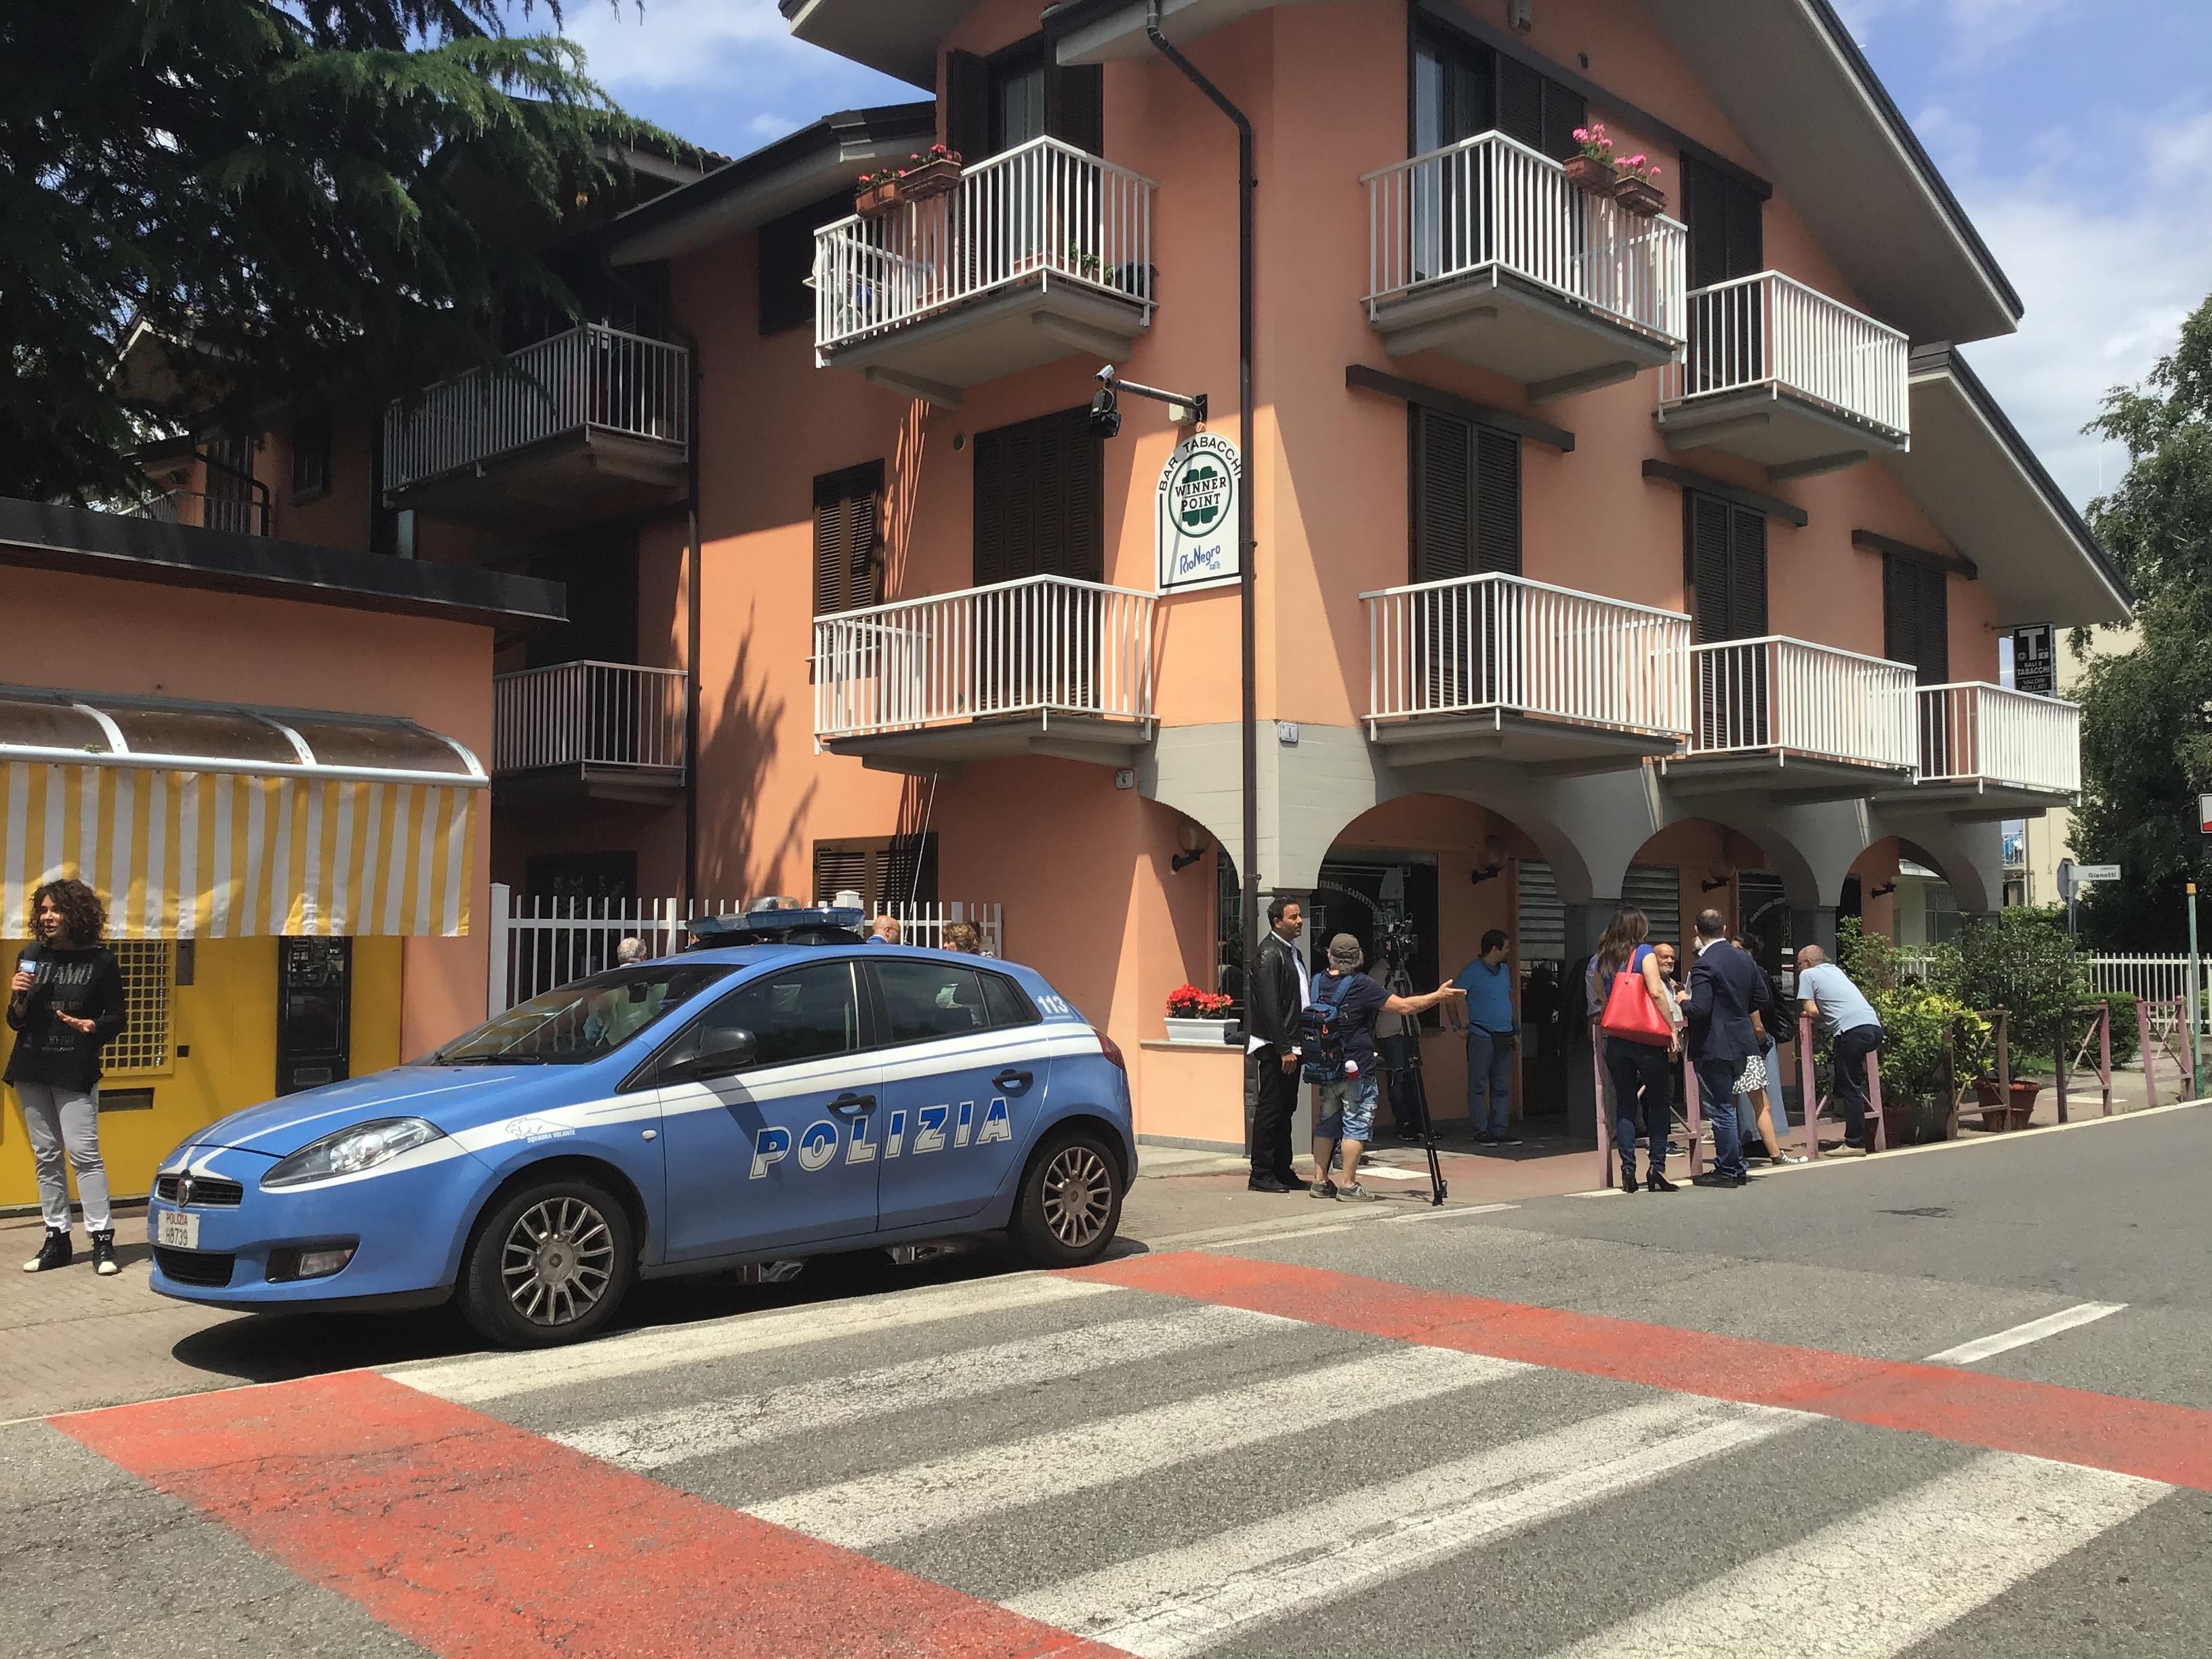 PAVONE CANAVESE - Ladro ucciso durante un tentativo di furto: il tabaccaio lo avrebbe colpito alle spalle